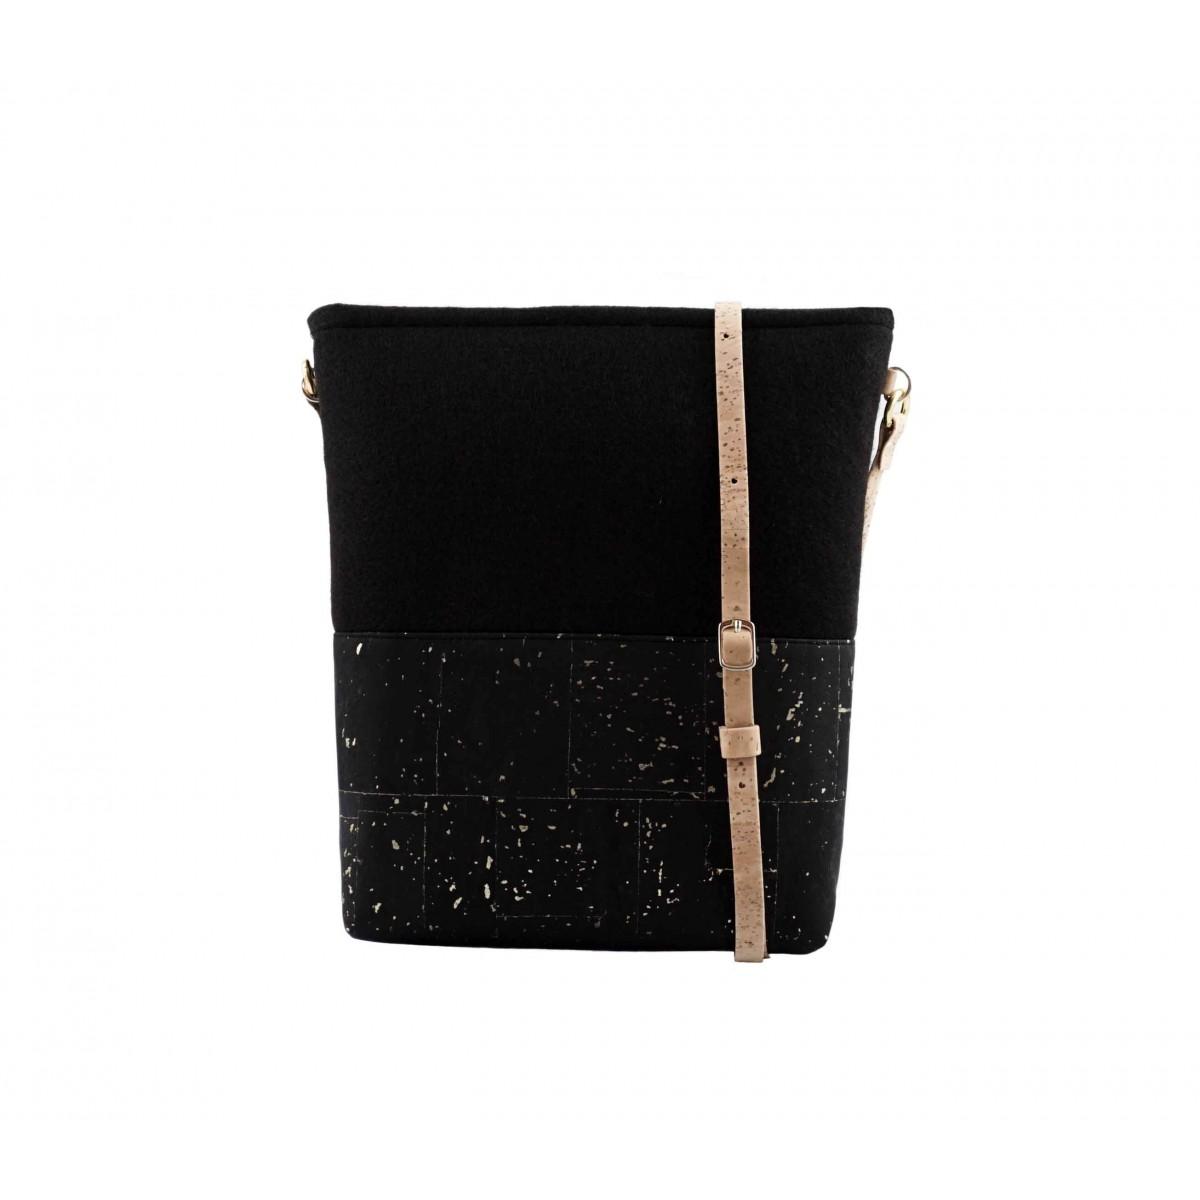 UlStO – PECTINA Handtasche Schwarz Gold Kork vegan